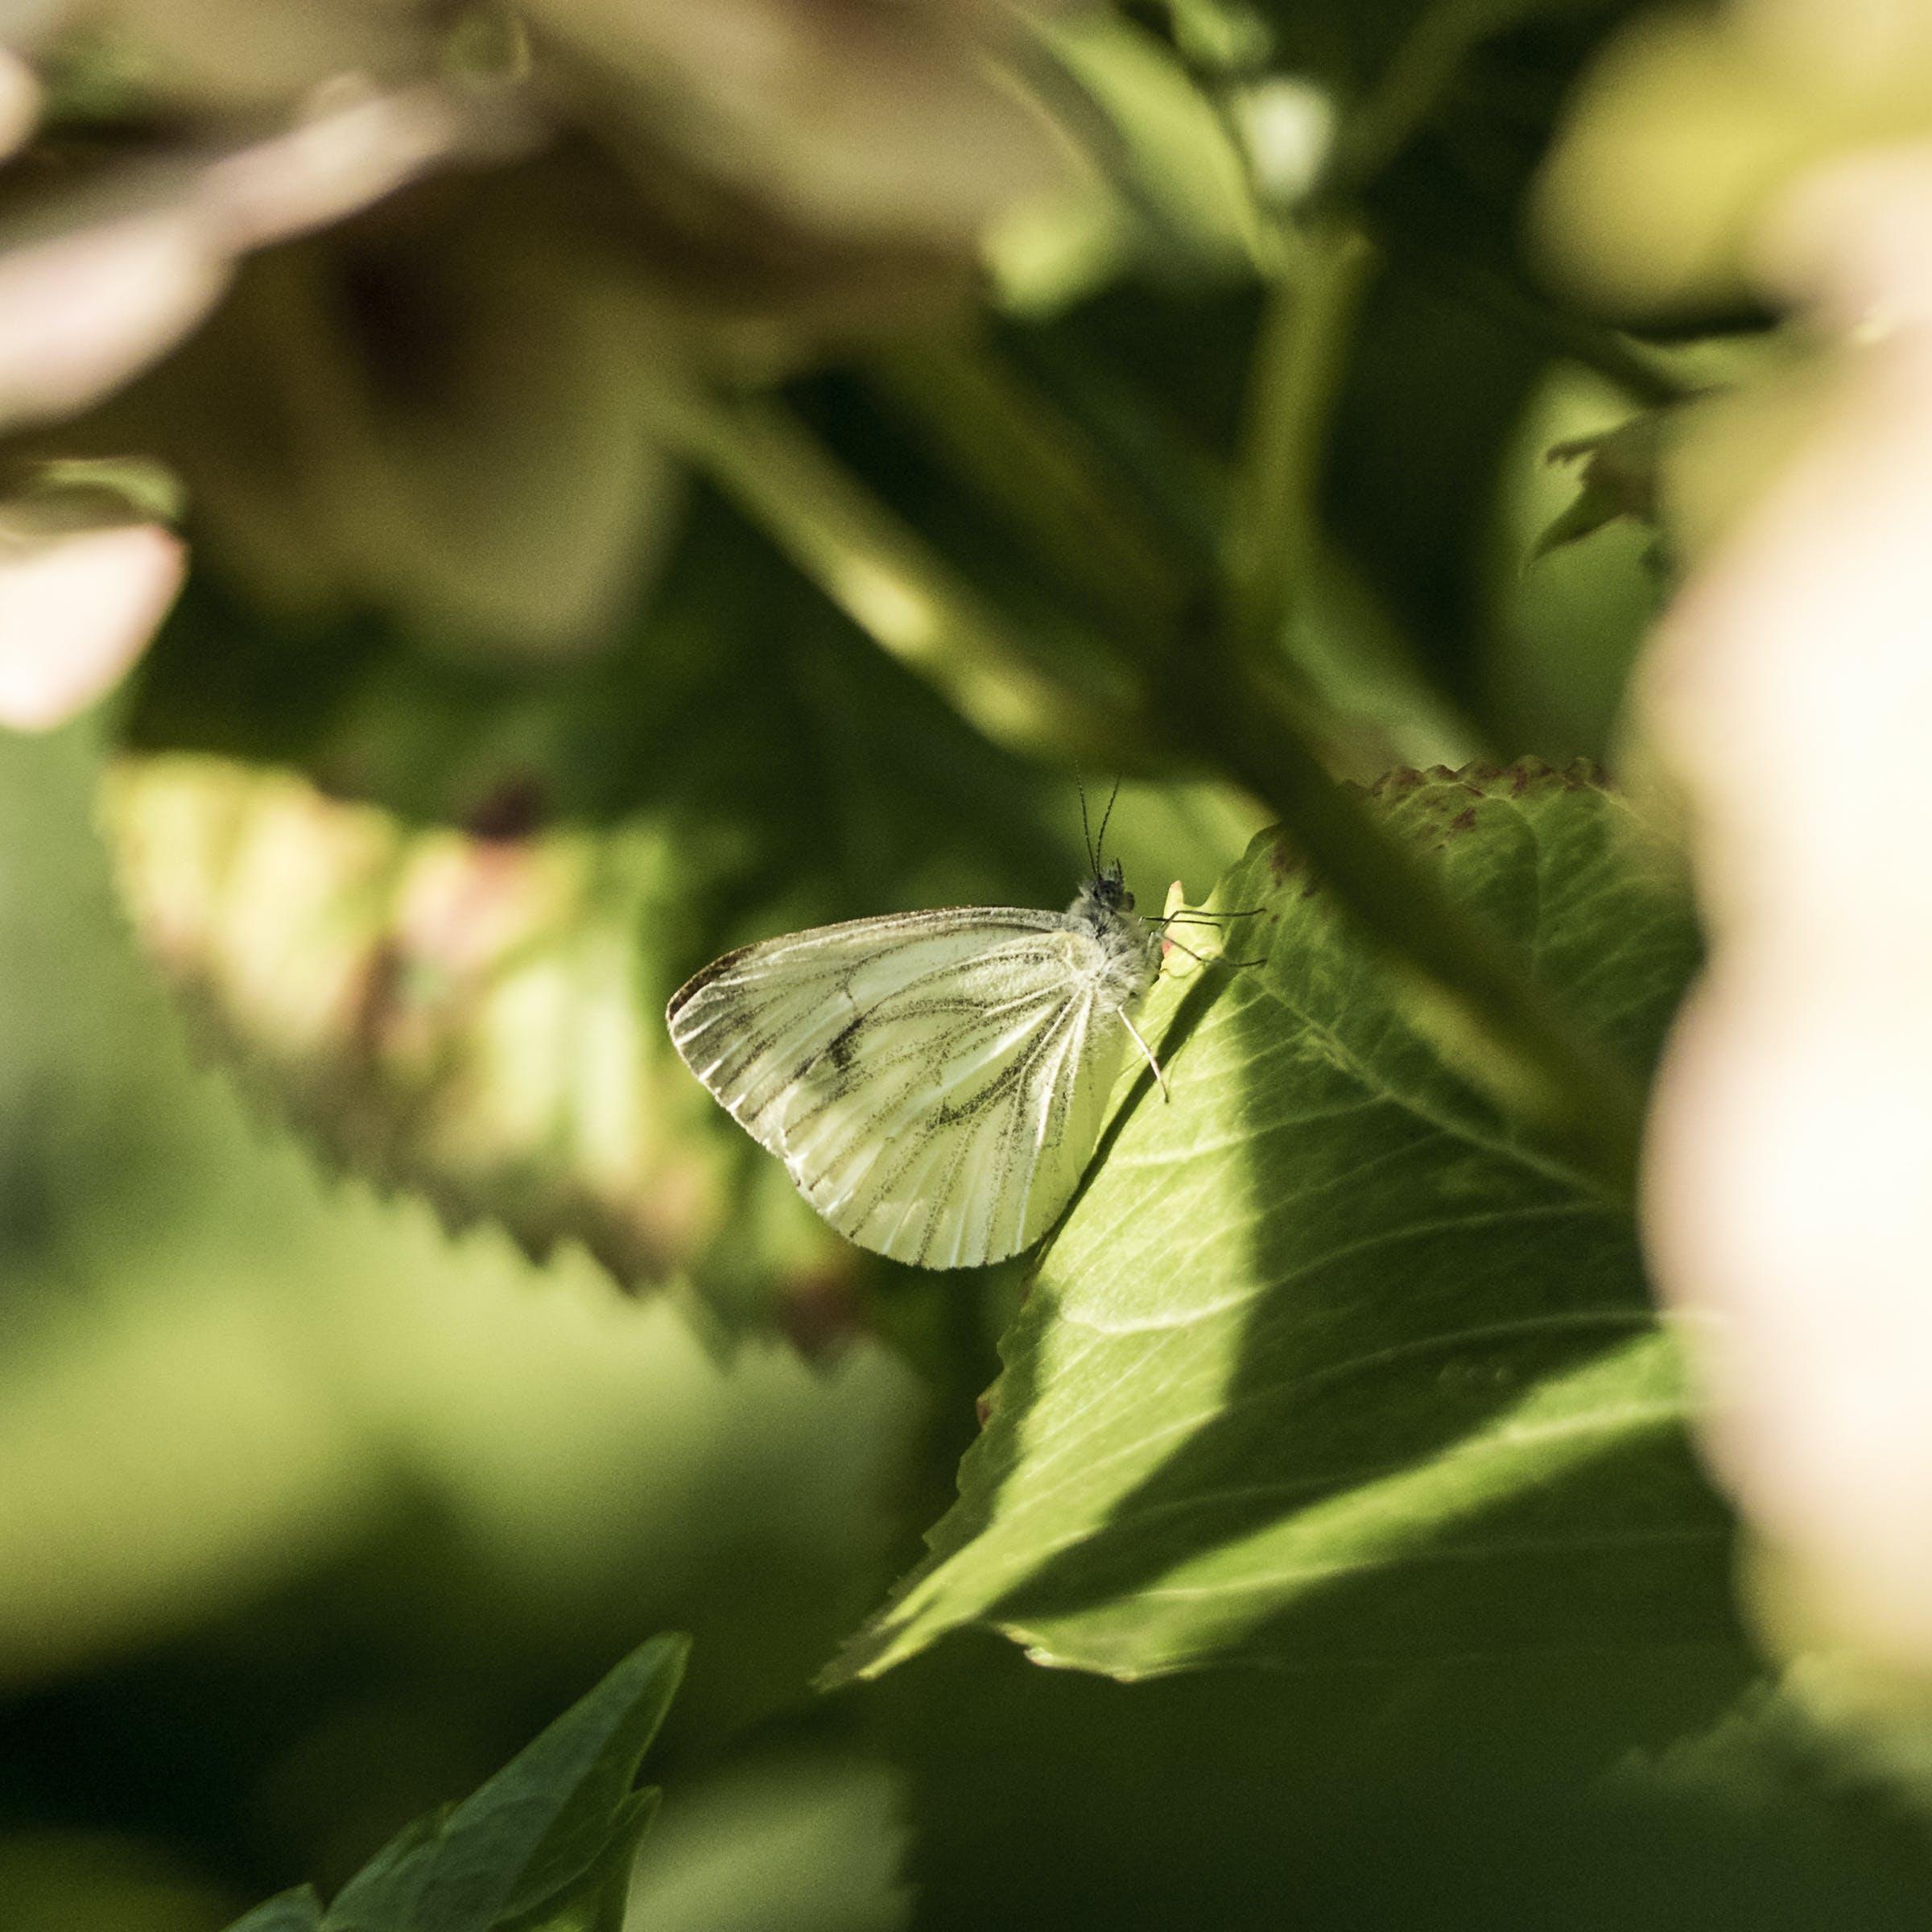 Δωρεάν στοκ φωτογραφιών με λευκή πεταλούδα, πεταλούδα